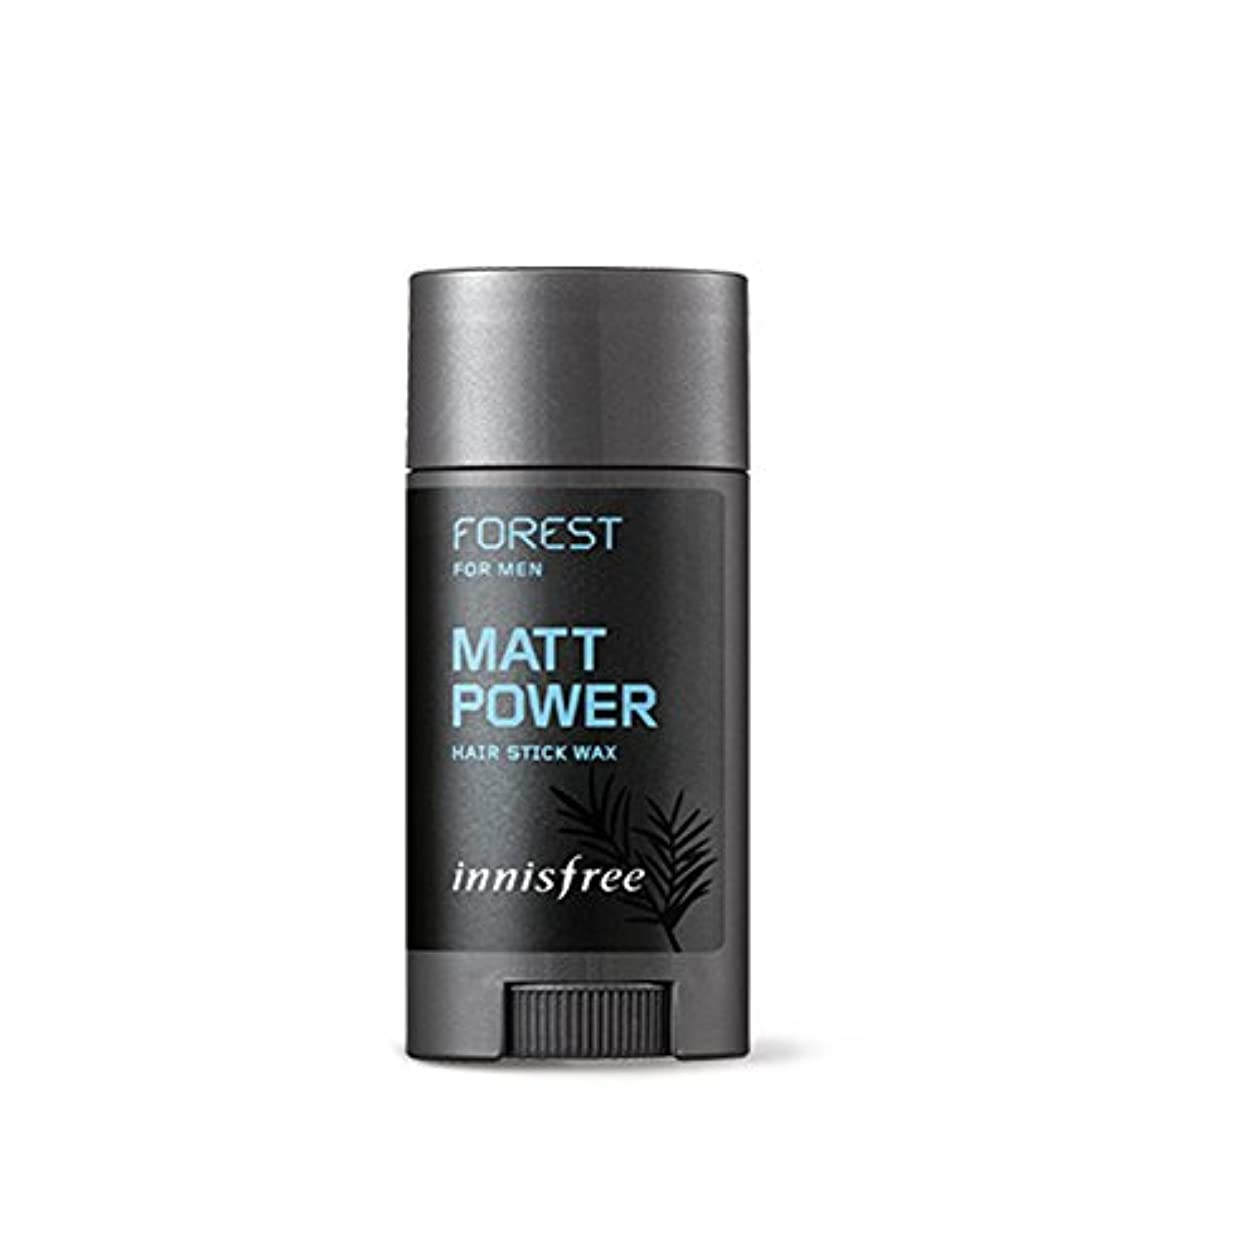 不信障害者のぞき見イニスフリーフォレストメンズヘアスティックワックス、マットパワー15g / Innisfree Forest for Men Hair Stick Wax, Matt Power 15g [並行輸入品][海外直送品]